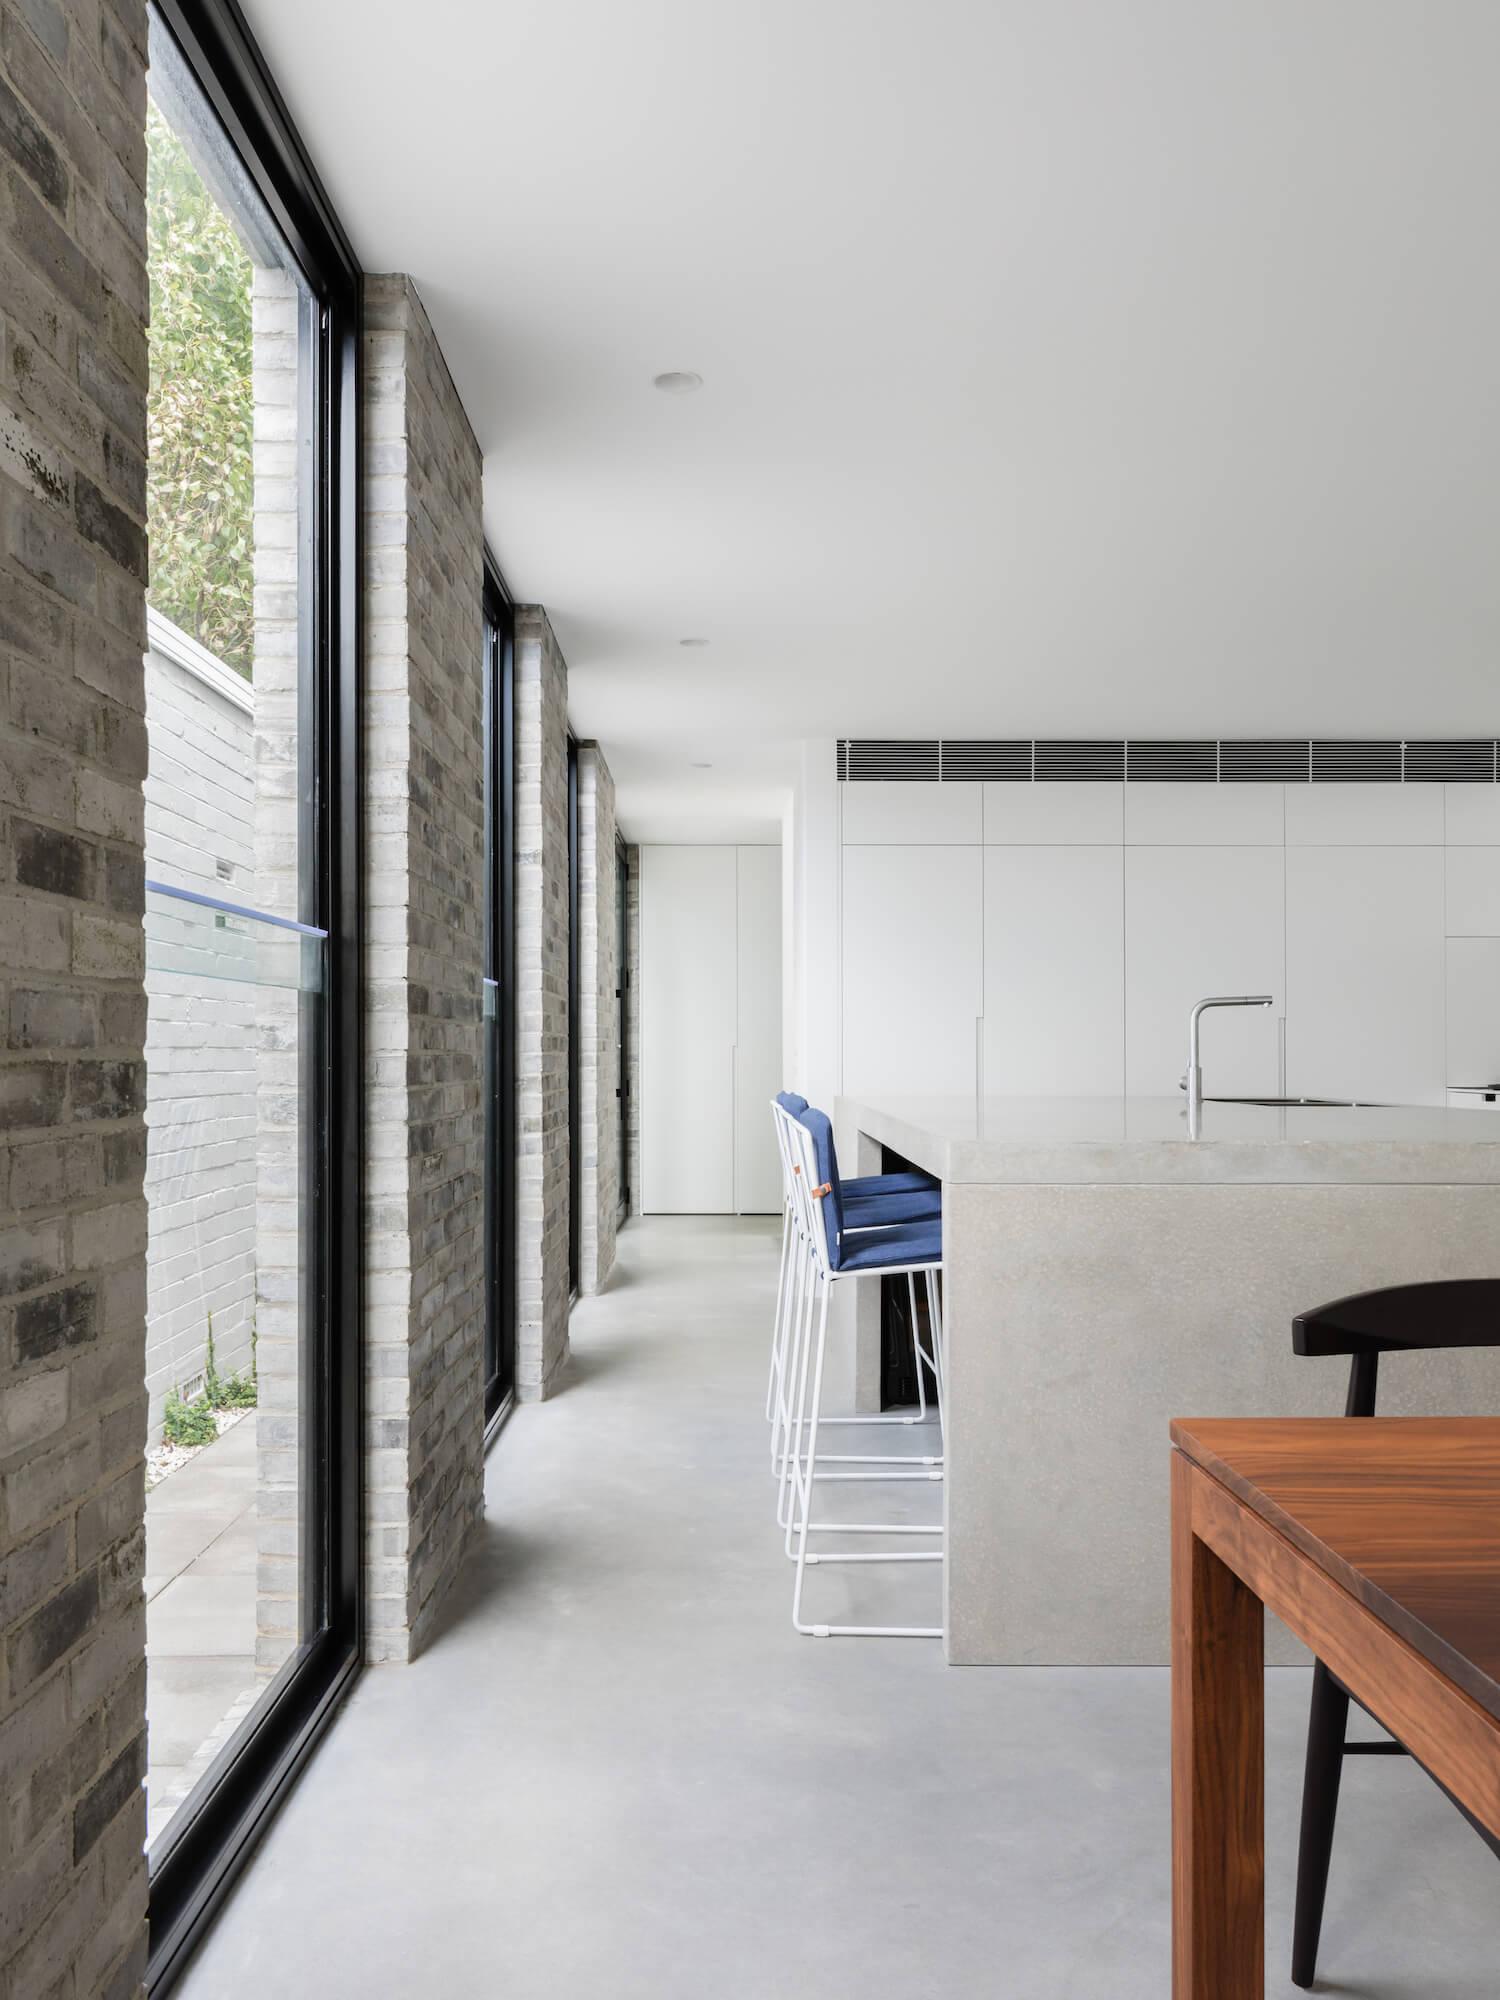 est living cm studio bronte family house alfred street 3